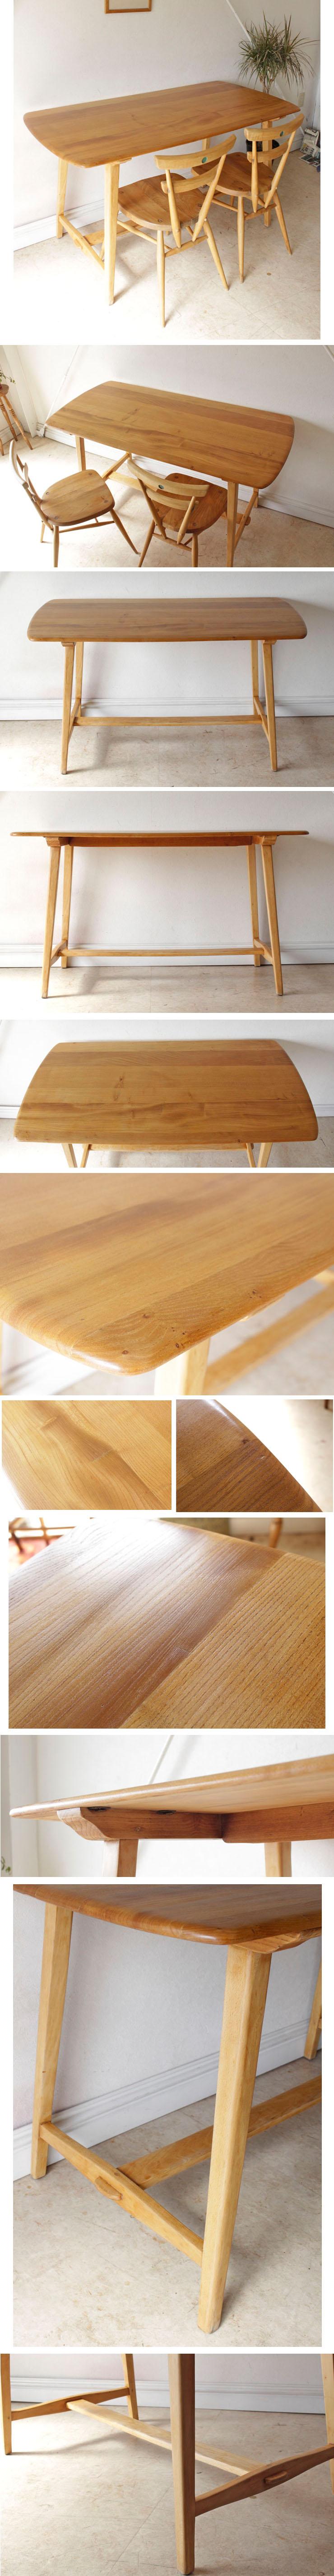 アーコール・ERCOL・ダイニングテーブル・無垢・アンティーク・ビンテージ・北欧